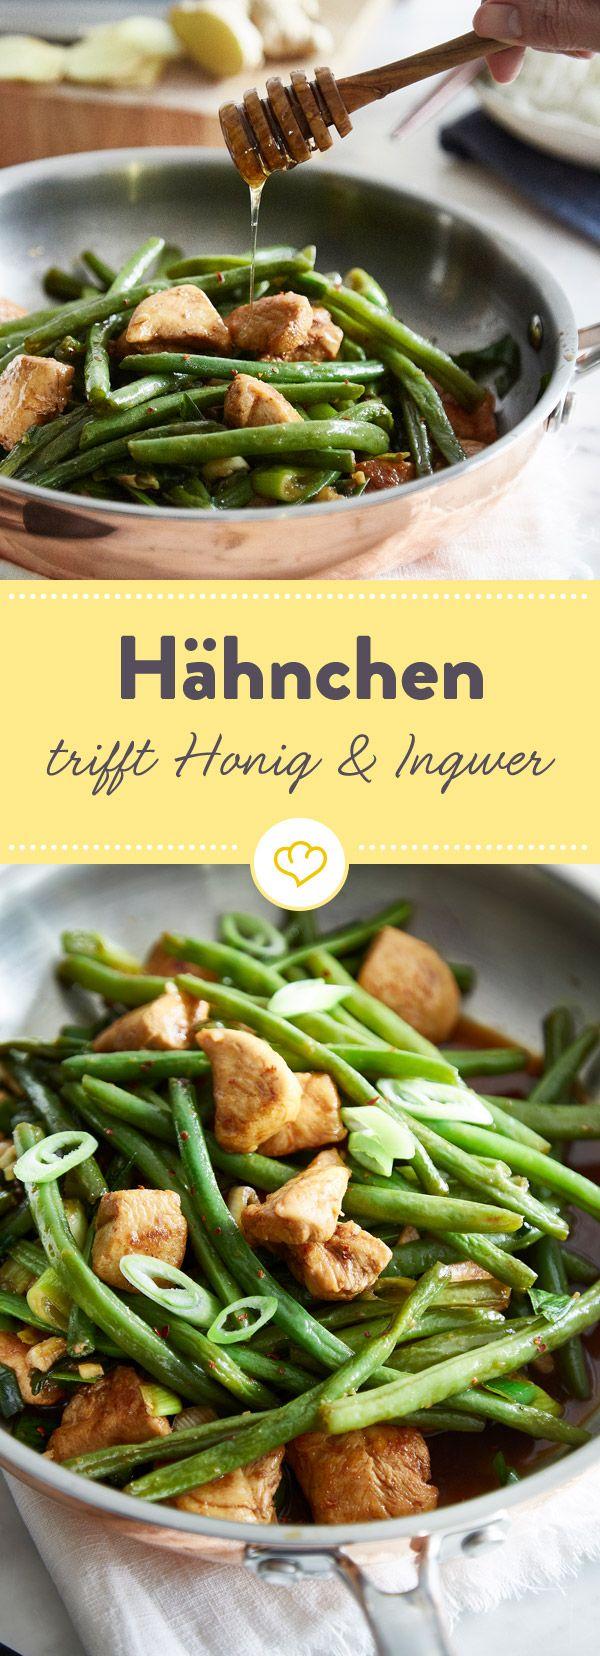 Hähnchen, grüne Bohnen, Honig, Sojasauce und reichlich frischer Ingwer - das wird die beste und schnellste Sattmacher-Pfanne für deinen Feierabend.